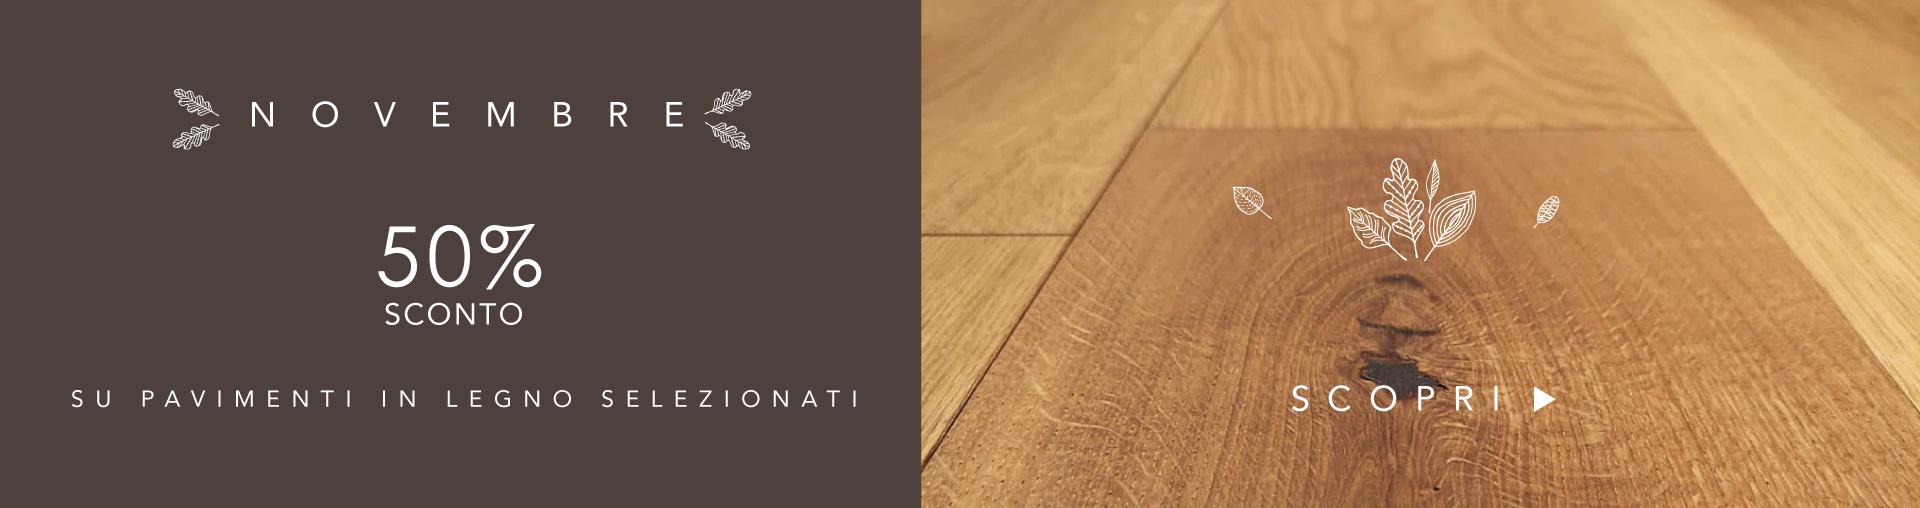 https://www.innocentibruna.it/it/articolo/160/promozione-parquet/novembre-50-di-sconto-su-pavimenti-in-legno-.html